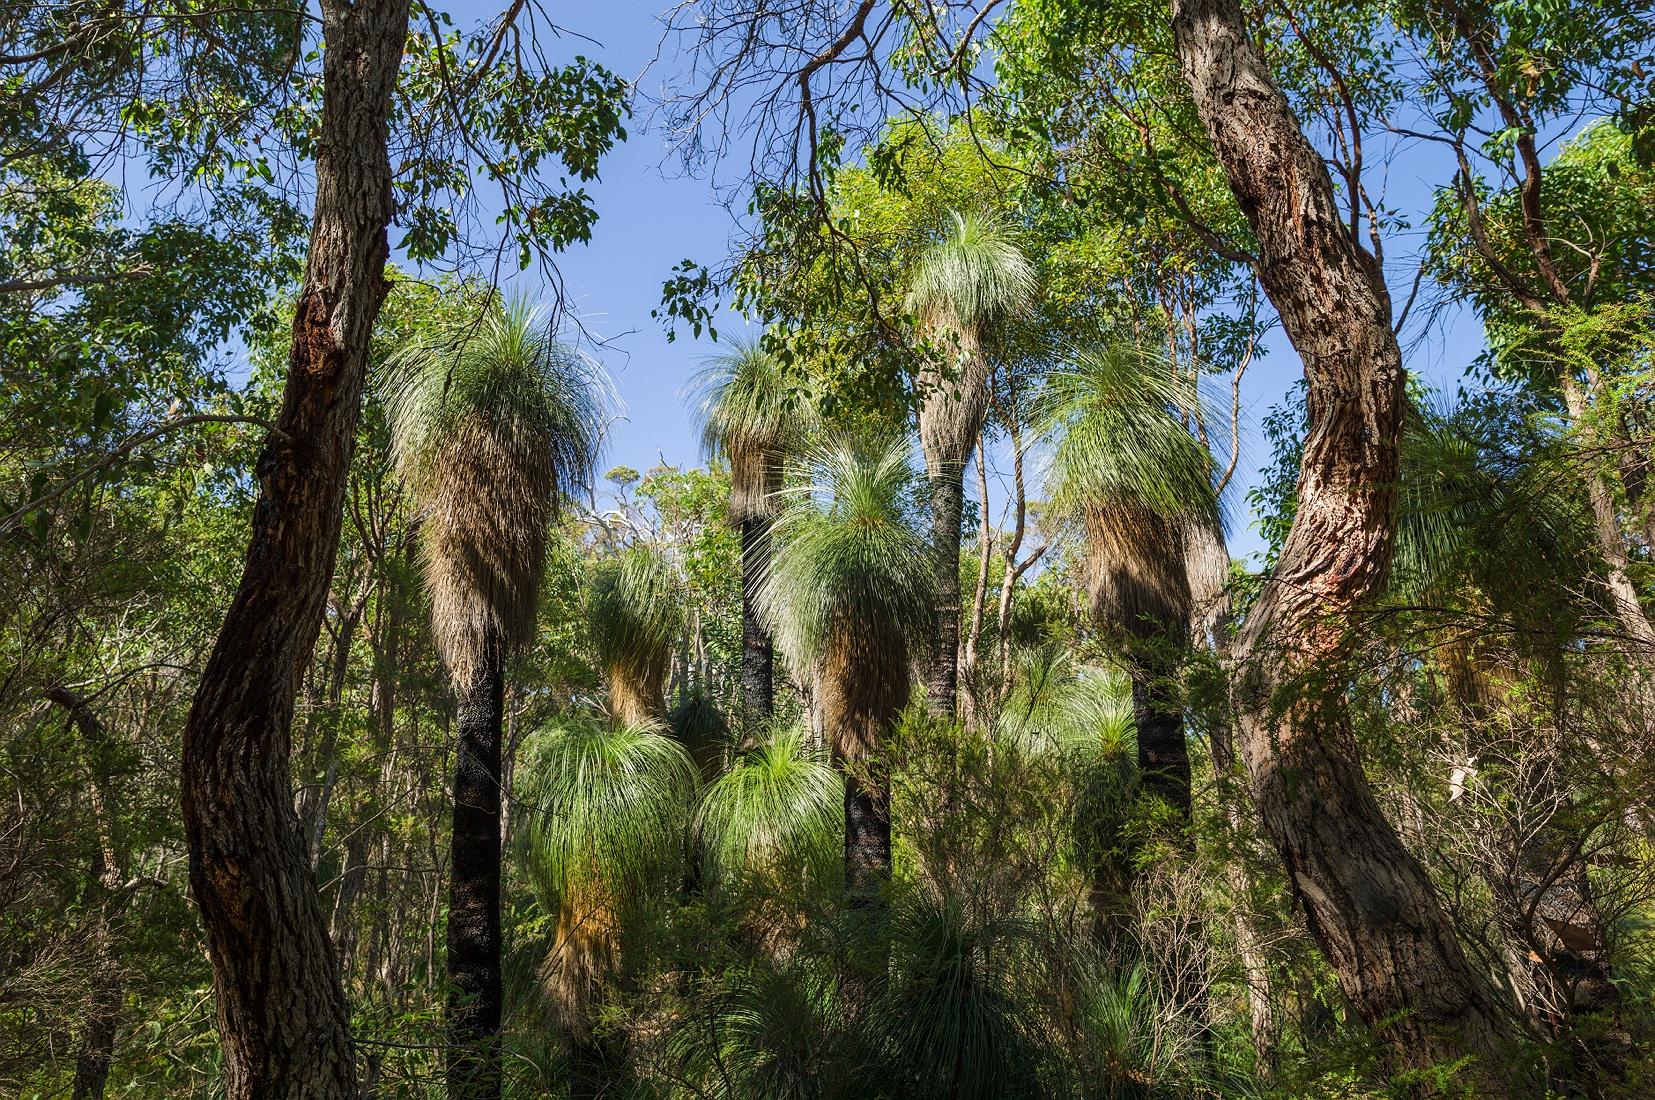 molloy_island_balga_grass_trees